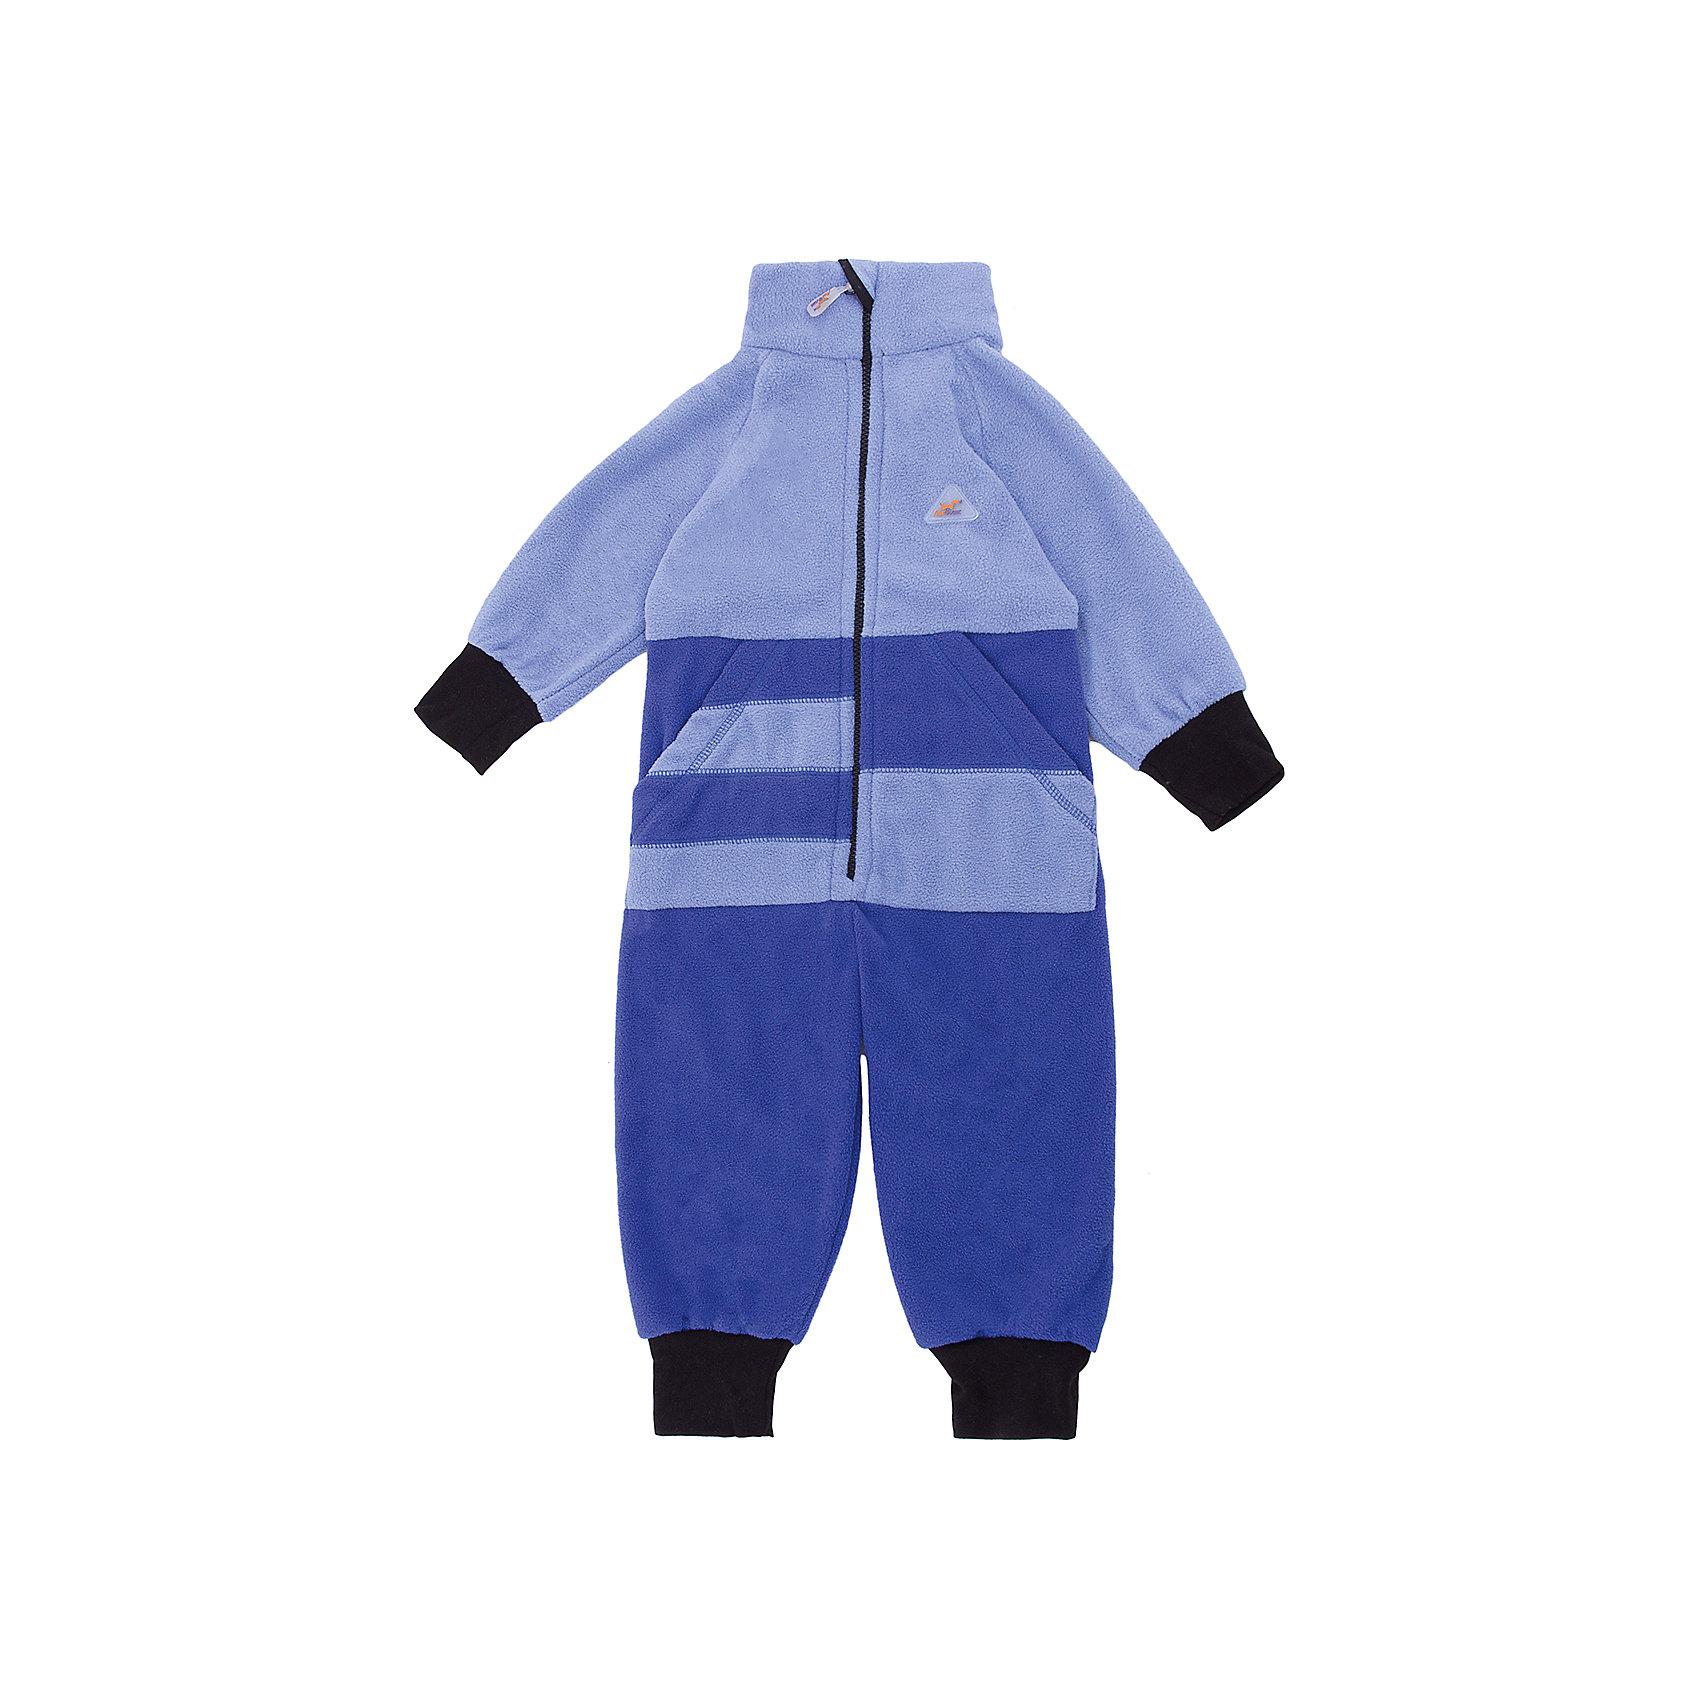 Комбинезон Полоска ЛисФлис для мальчикаФлис и термобелье<br>Характеристики товара:<br><br>• цвет: голубой/синий;<br>• состав: 100% полиэстер, флис (180 гр);<br>• сезон: зима;<br>• особенности: флисовый, без капюшона;<br>• застежка: молния;<br>• защита подбородка от защемления;<br>• эластичные манжеты на рукавах и штанинах;<br>• резинка на спинке для лучшей посадки:<br>• страна бренда: Россия;<br>• страна производства: Россия.<br><br>Флисовый комбинезон на молнии. Изделие можно одевать как поддеву (дополнительный утепляющий слой) под мембранную одежду при минусовой температуре. А как самостоятельный элемент одежды (верхний слой) от +10 градусов. Прочная молния комбинезона расстегивается и застегивается одним движением руки. Флисовый комбинезон без капюшона.<br><br>Комбинезон Полоска ЛисФлис можно купить в нашем интернет-магазине.<br><br>Ширина мм: 356<br>Глубина мм: 10<br>Высота мм: 245<br>Вес г: 519<br>Цвет: синий<br>Возраст от месяцев: 18<br>Возраст до месяцев: 24<br>Пол: Мужской<br>Возраст: Детский<br>Размер: 92,128,134,104,110,116,80,86,122,98<br>SKU: 7052749